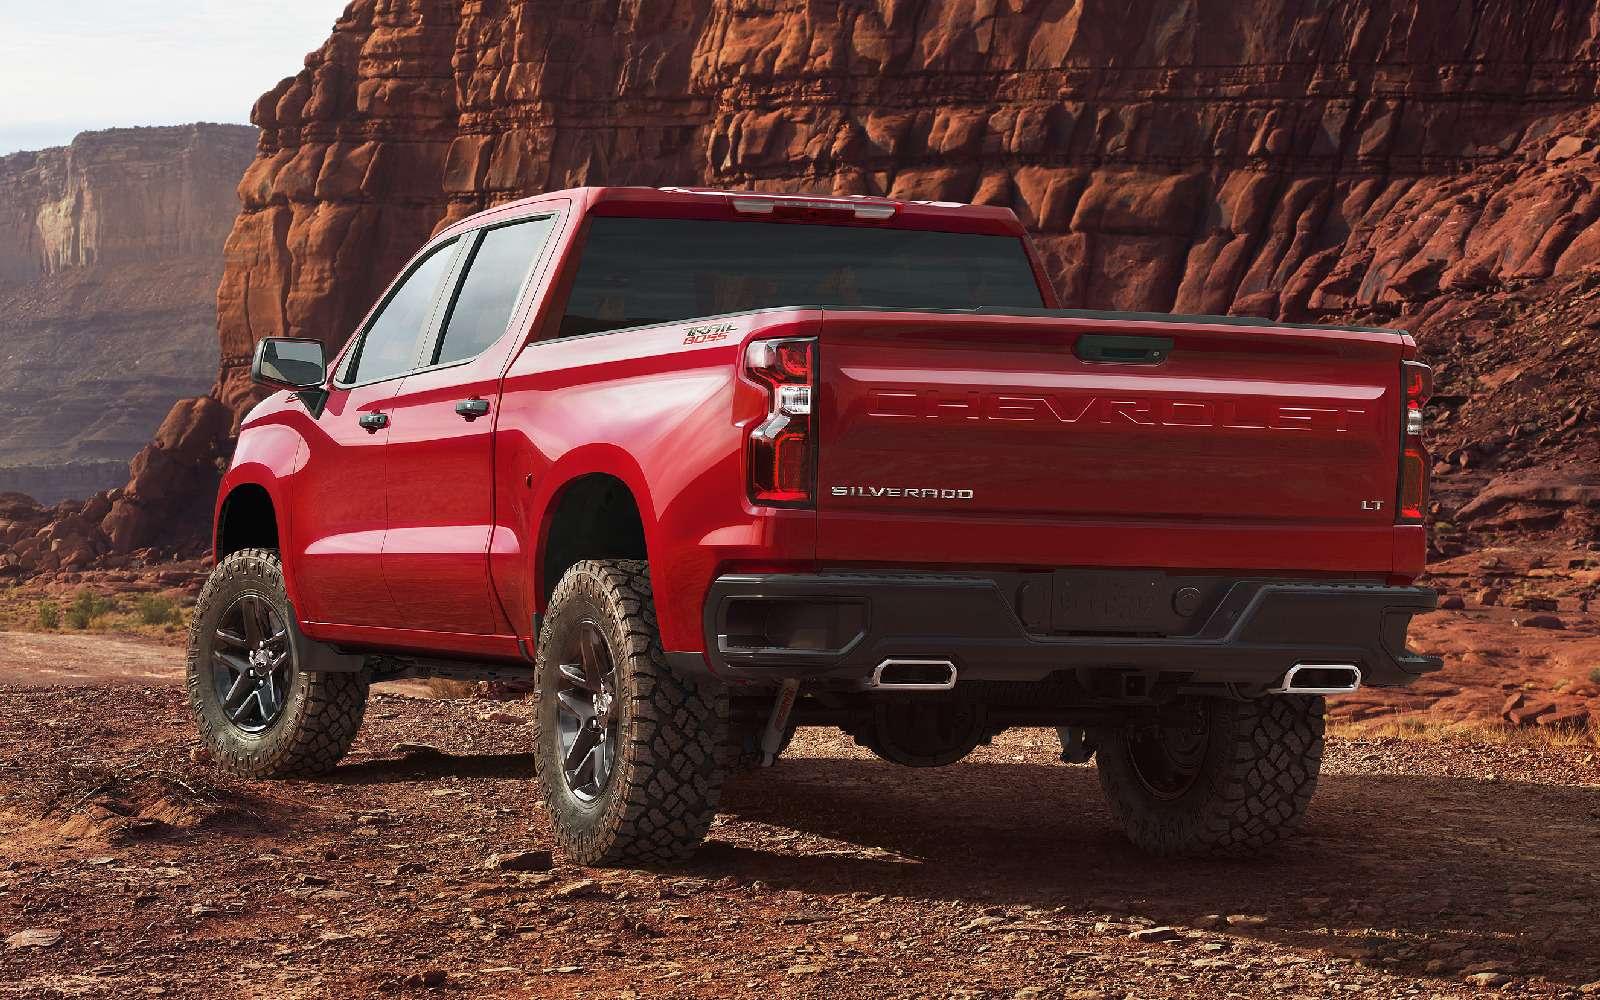 В погоне залидером: представлены новые Chevrolet Silverado иRam 1500— фото 836112